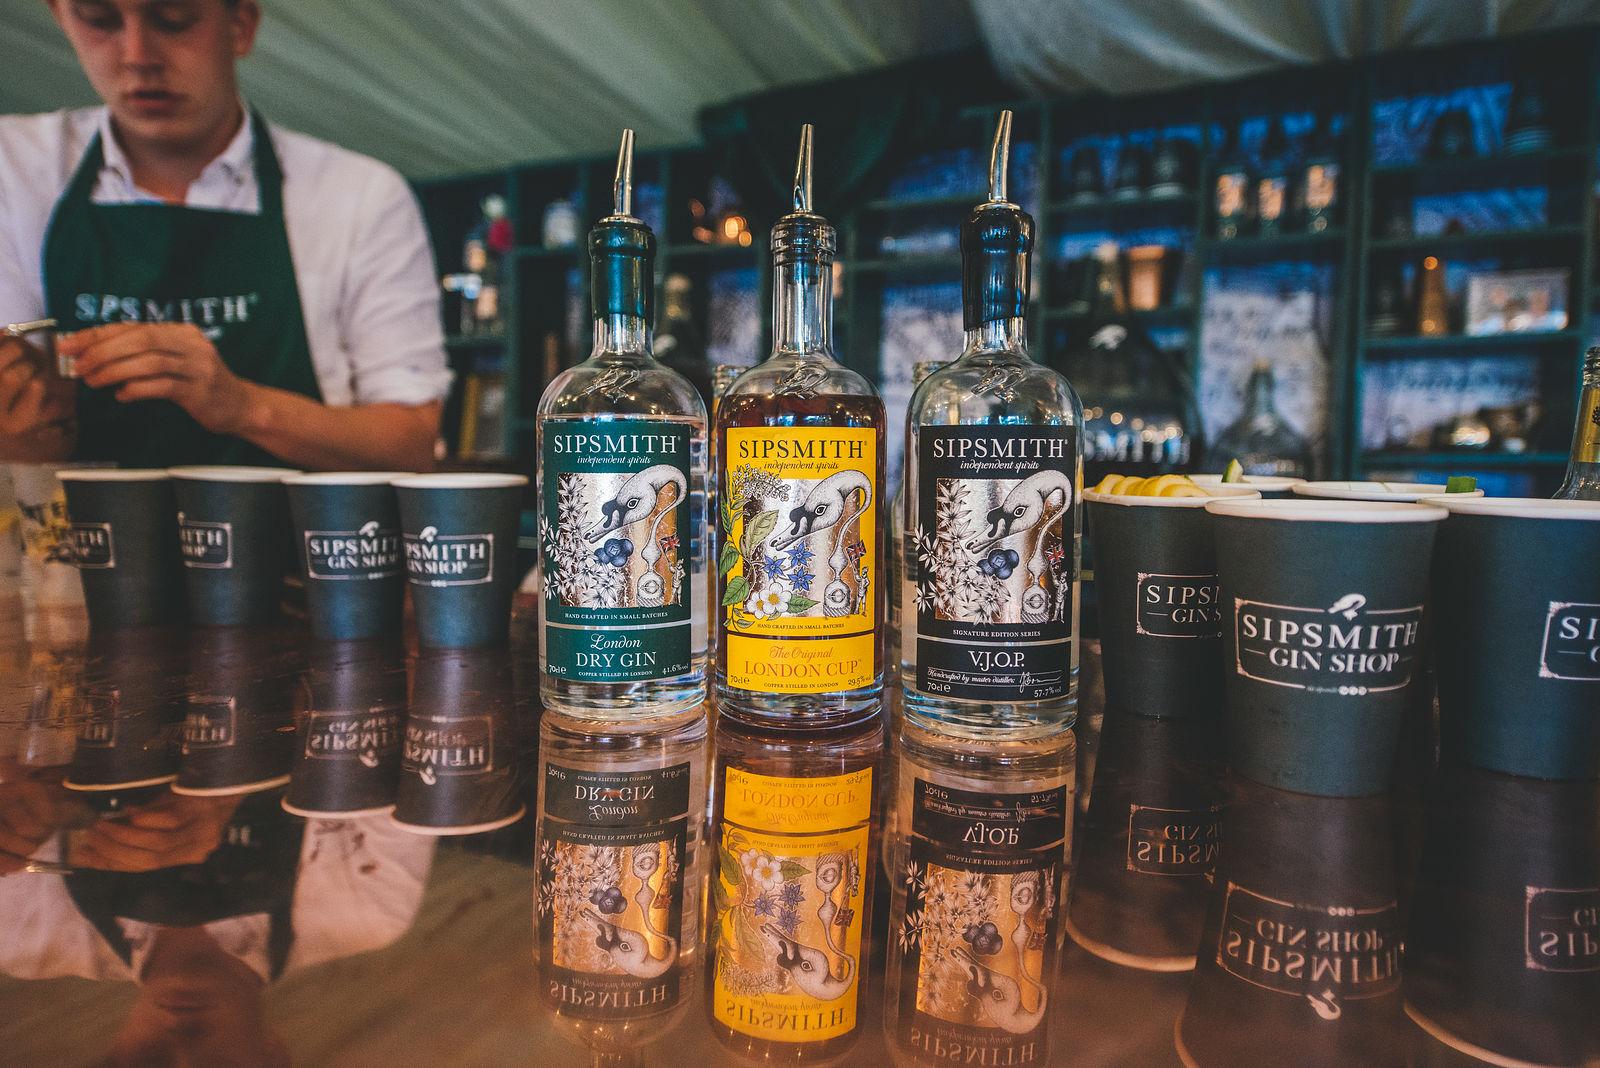 Sipsmith's Gin Bar